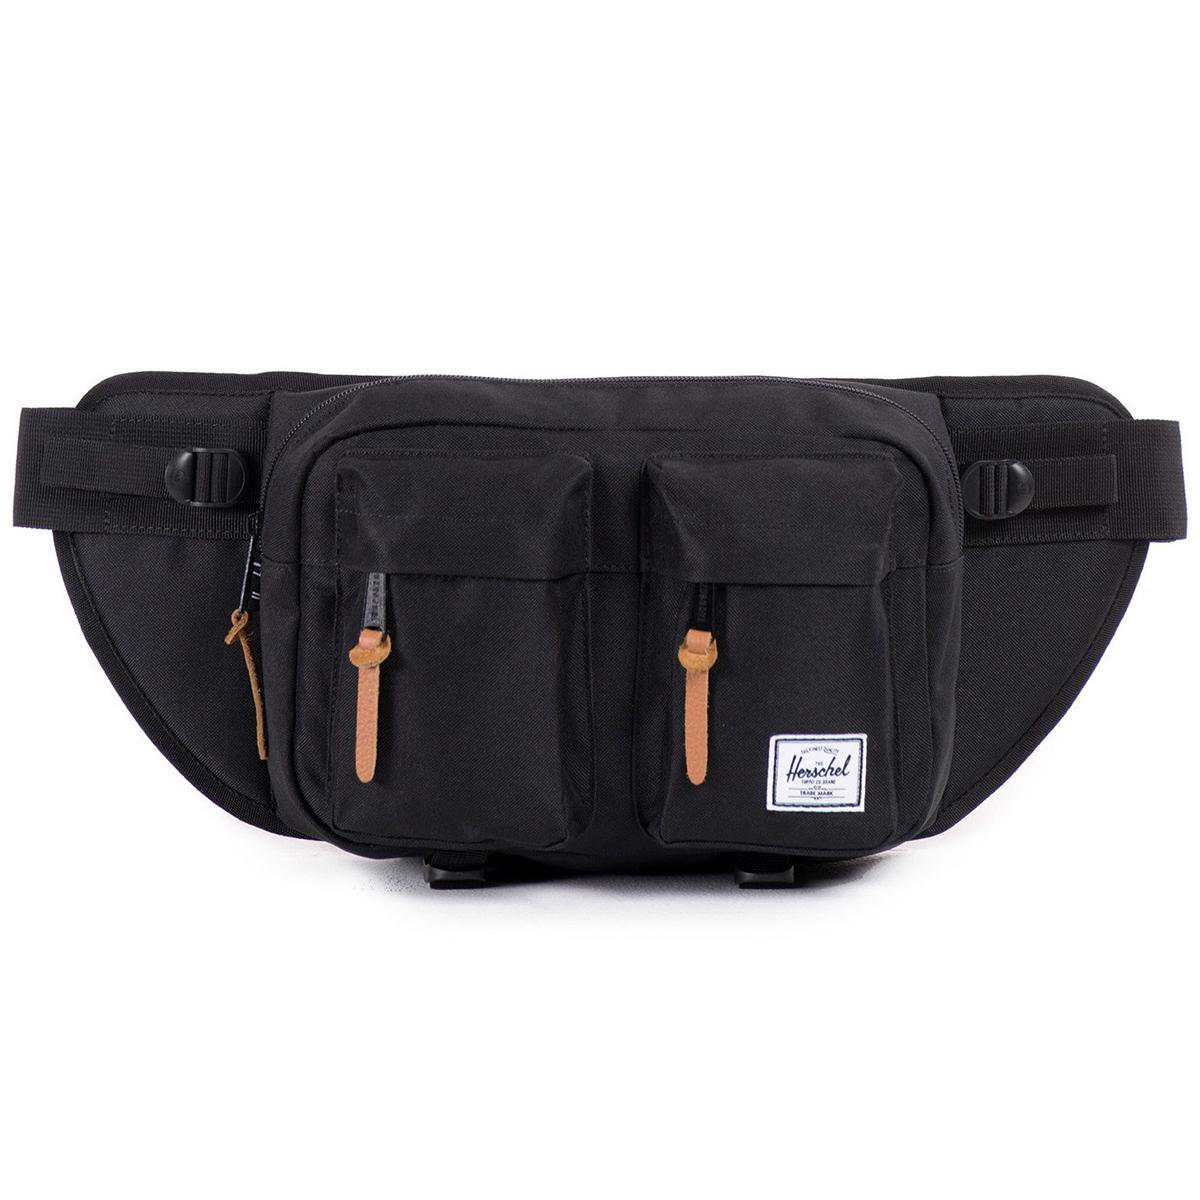 Сумка на пояс Herschel Eighteen (A/S), цвет: черный. 828432006830828432006830Вместительная поясная сумка Herschel Eighteen с двумя внешними карманами. Эта модель отличается своим объемом, за счет которого вы всегда сможете взять собой чуть больше нужных вещей. Удобный поясной ремень позволяет носить сумку также через плечо, что несомненно оценят, например, любители велосипедных прогулок.